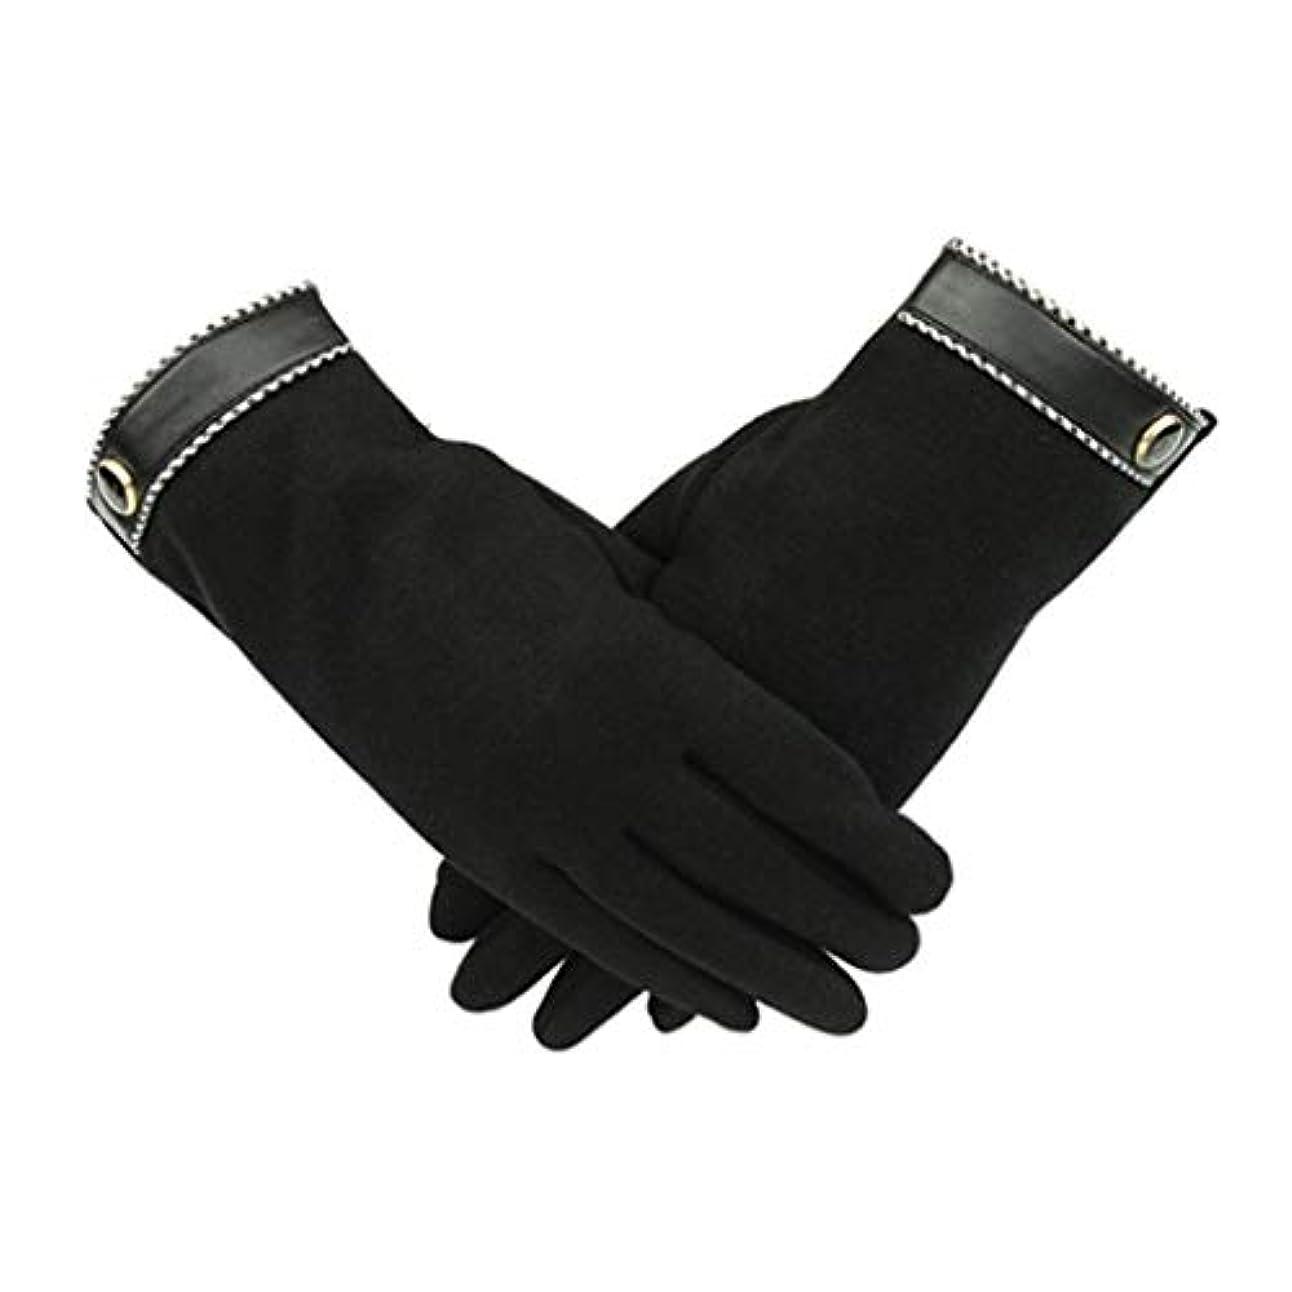 休憩する経済慢手袋の男性プラスベルベット暖かい春と秋冬の屋外旅行は、ベルベットのタッチスクリーンの手袋ではない (色 : 黒)